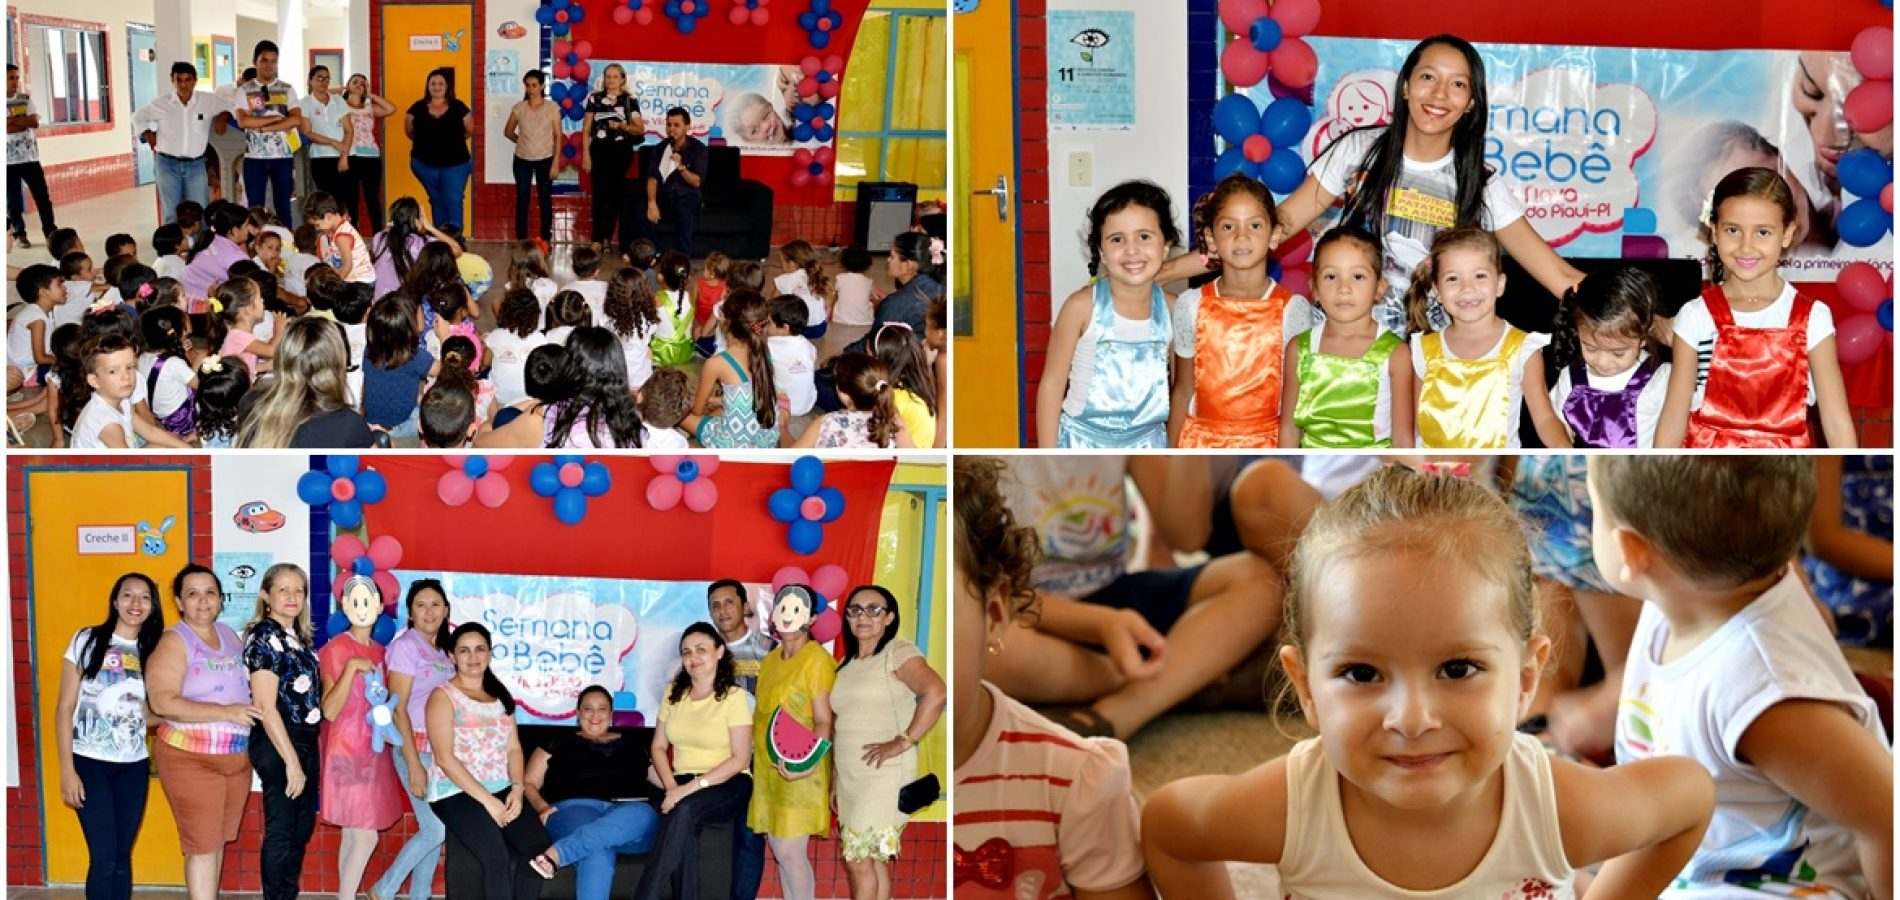 Prefeitura de Vila Nova do PI abre oficialmente a VII Semana do Bebê; veja fotos